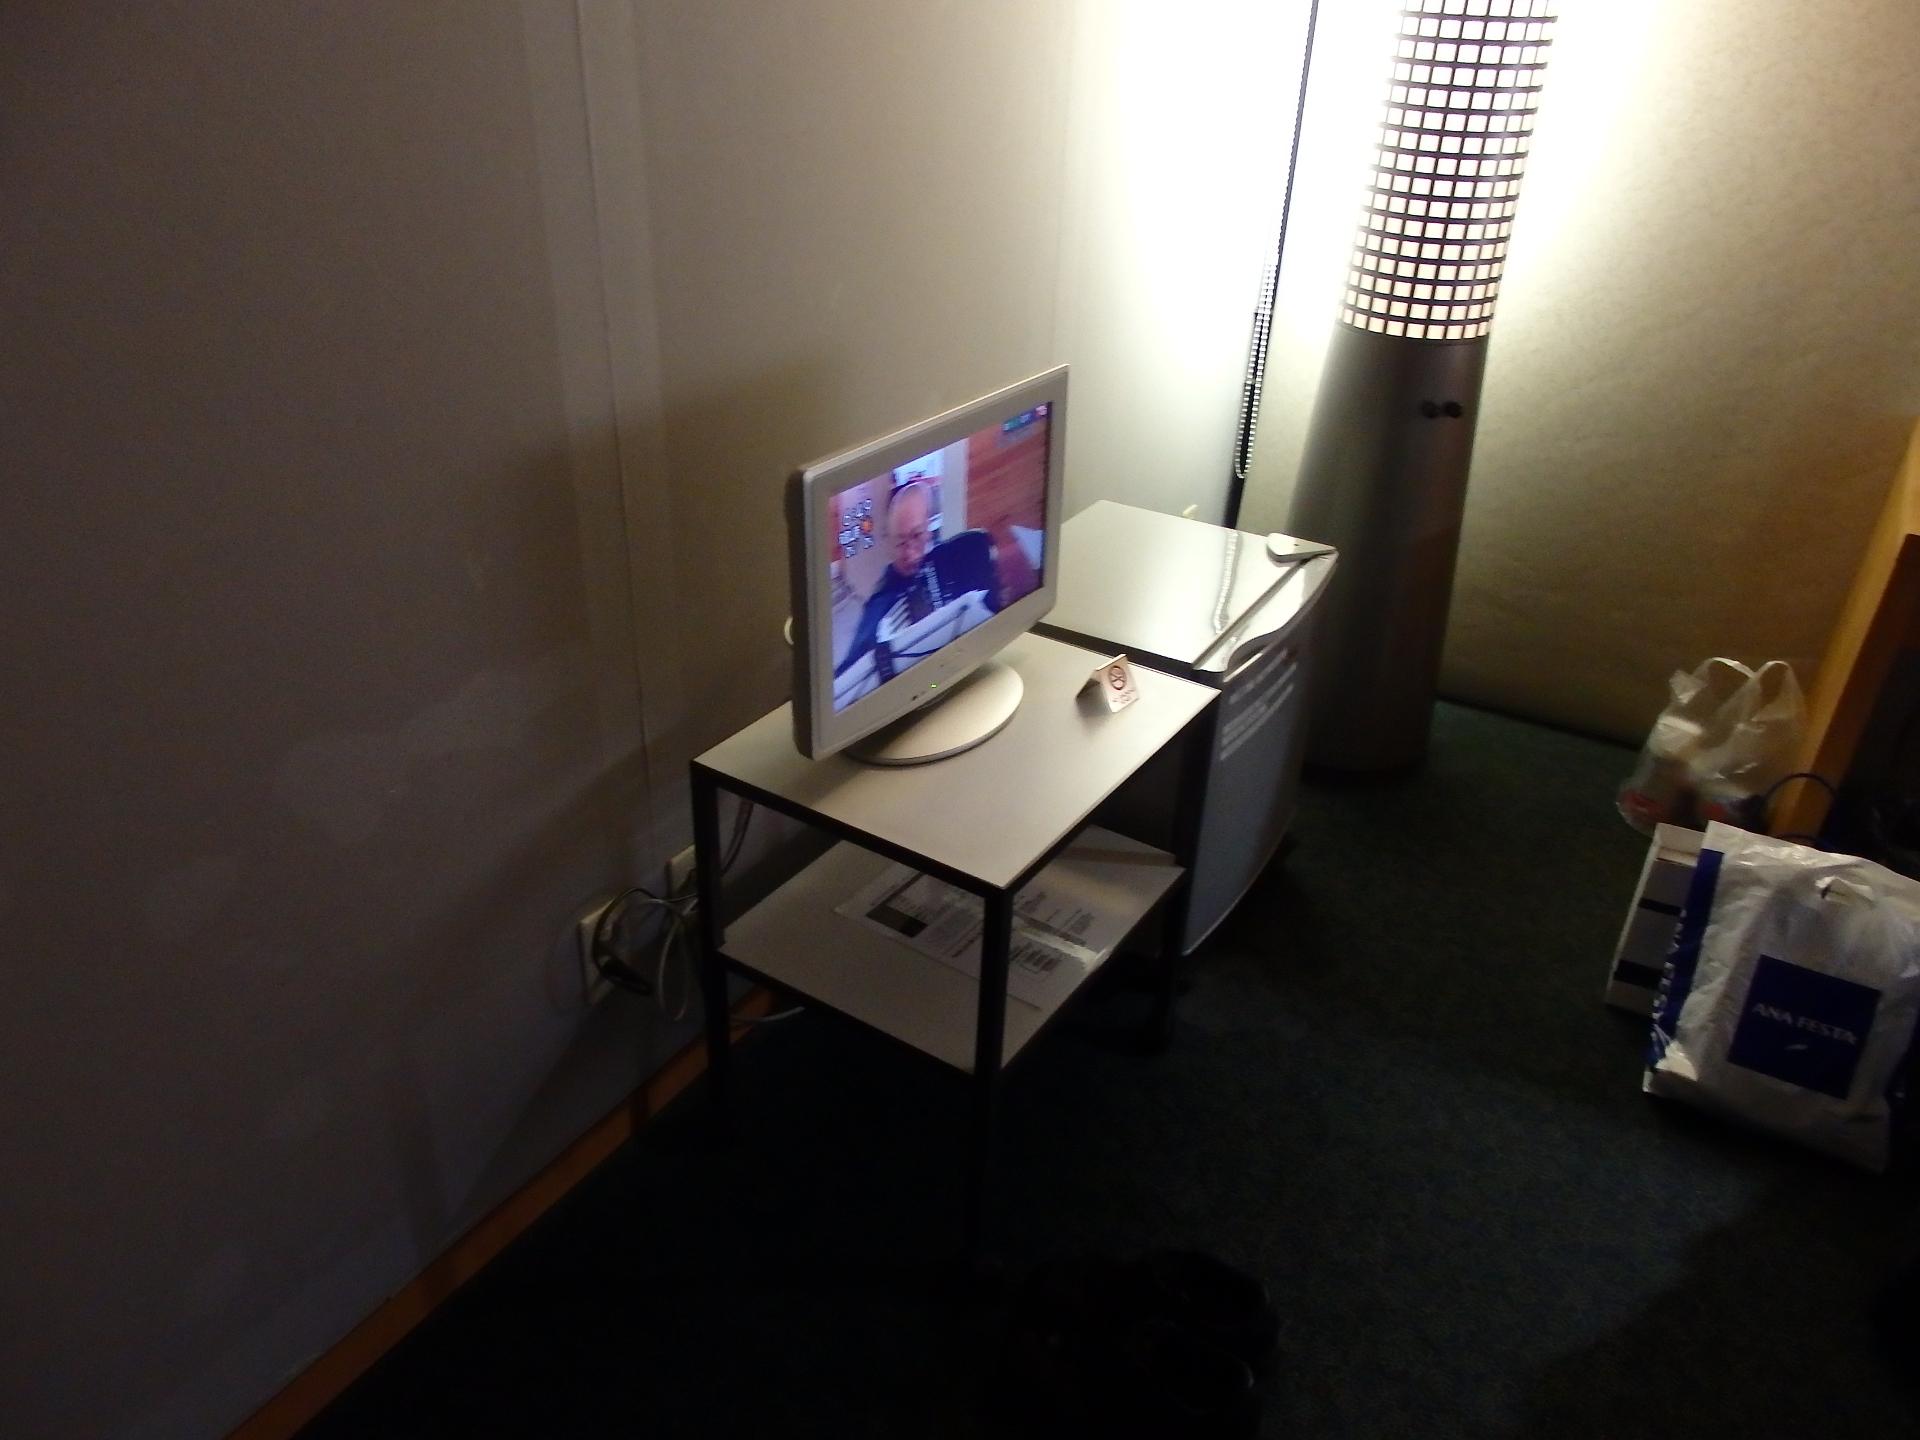 CAST宿泊所の客室内です。